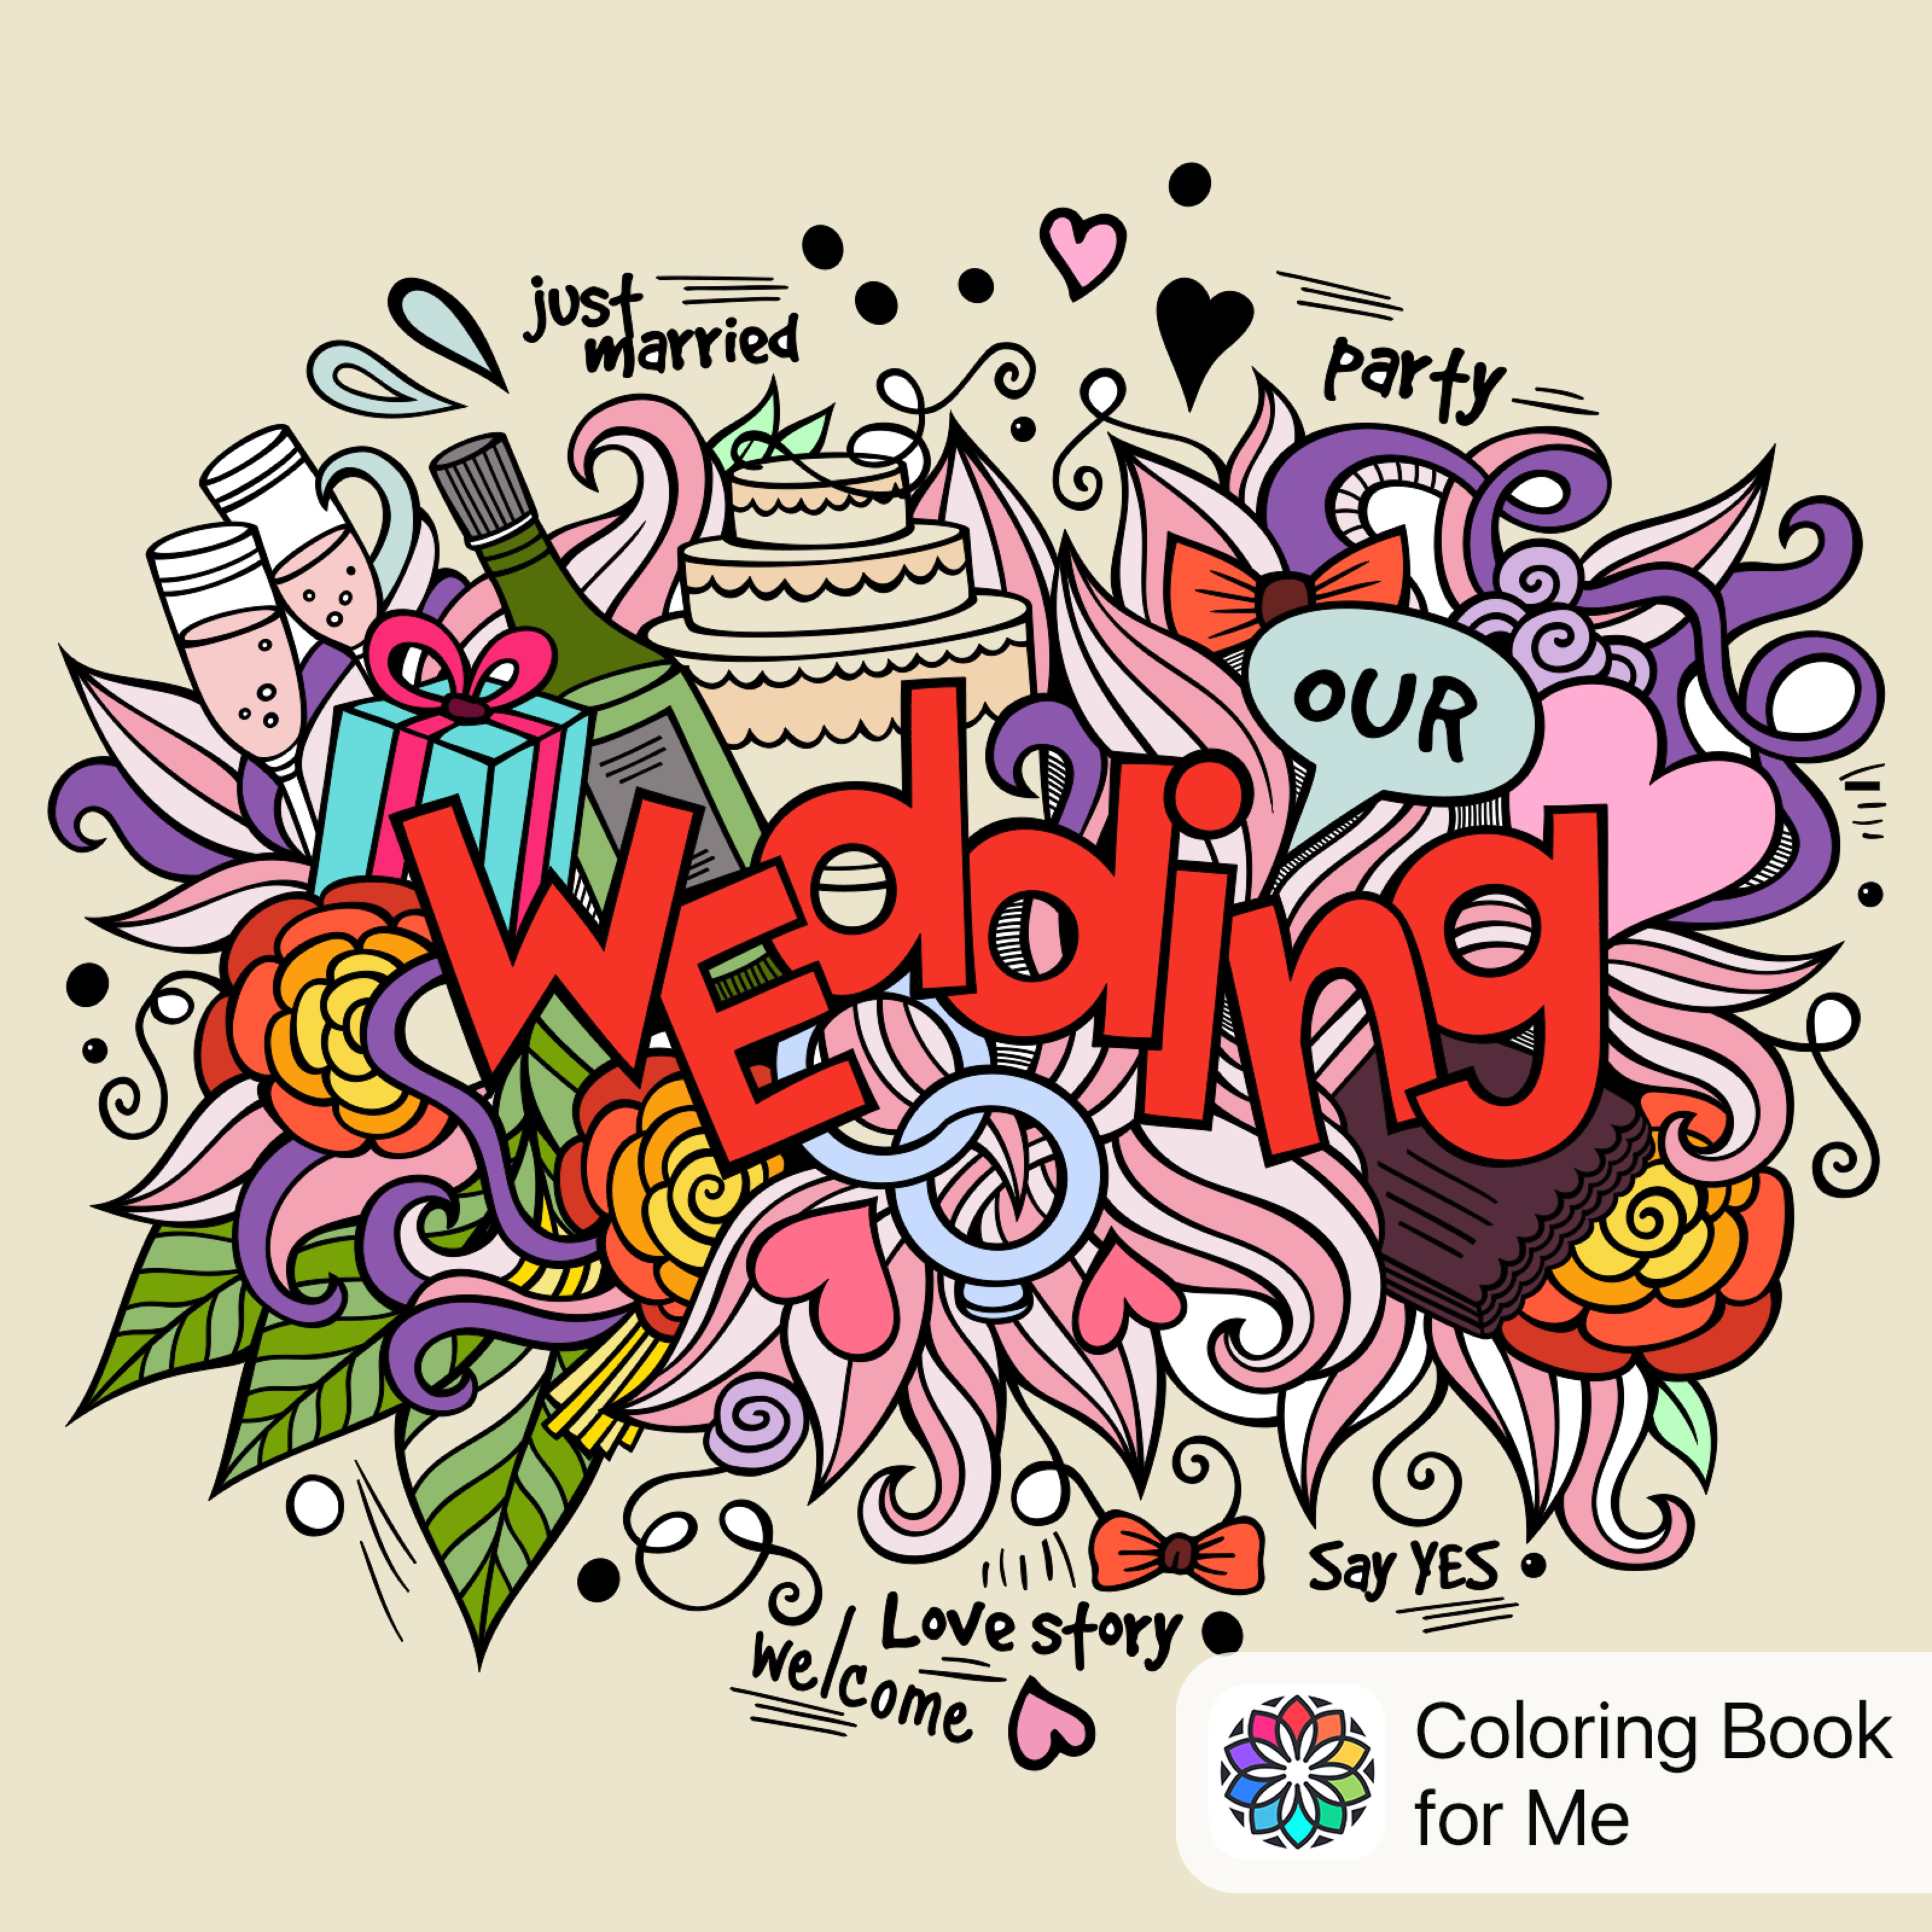 Coloreado Con Libro De Colorear Para Mí Scrapbooks En